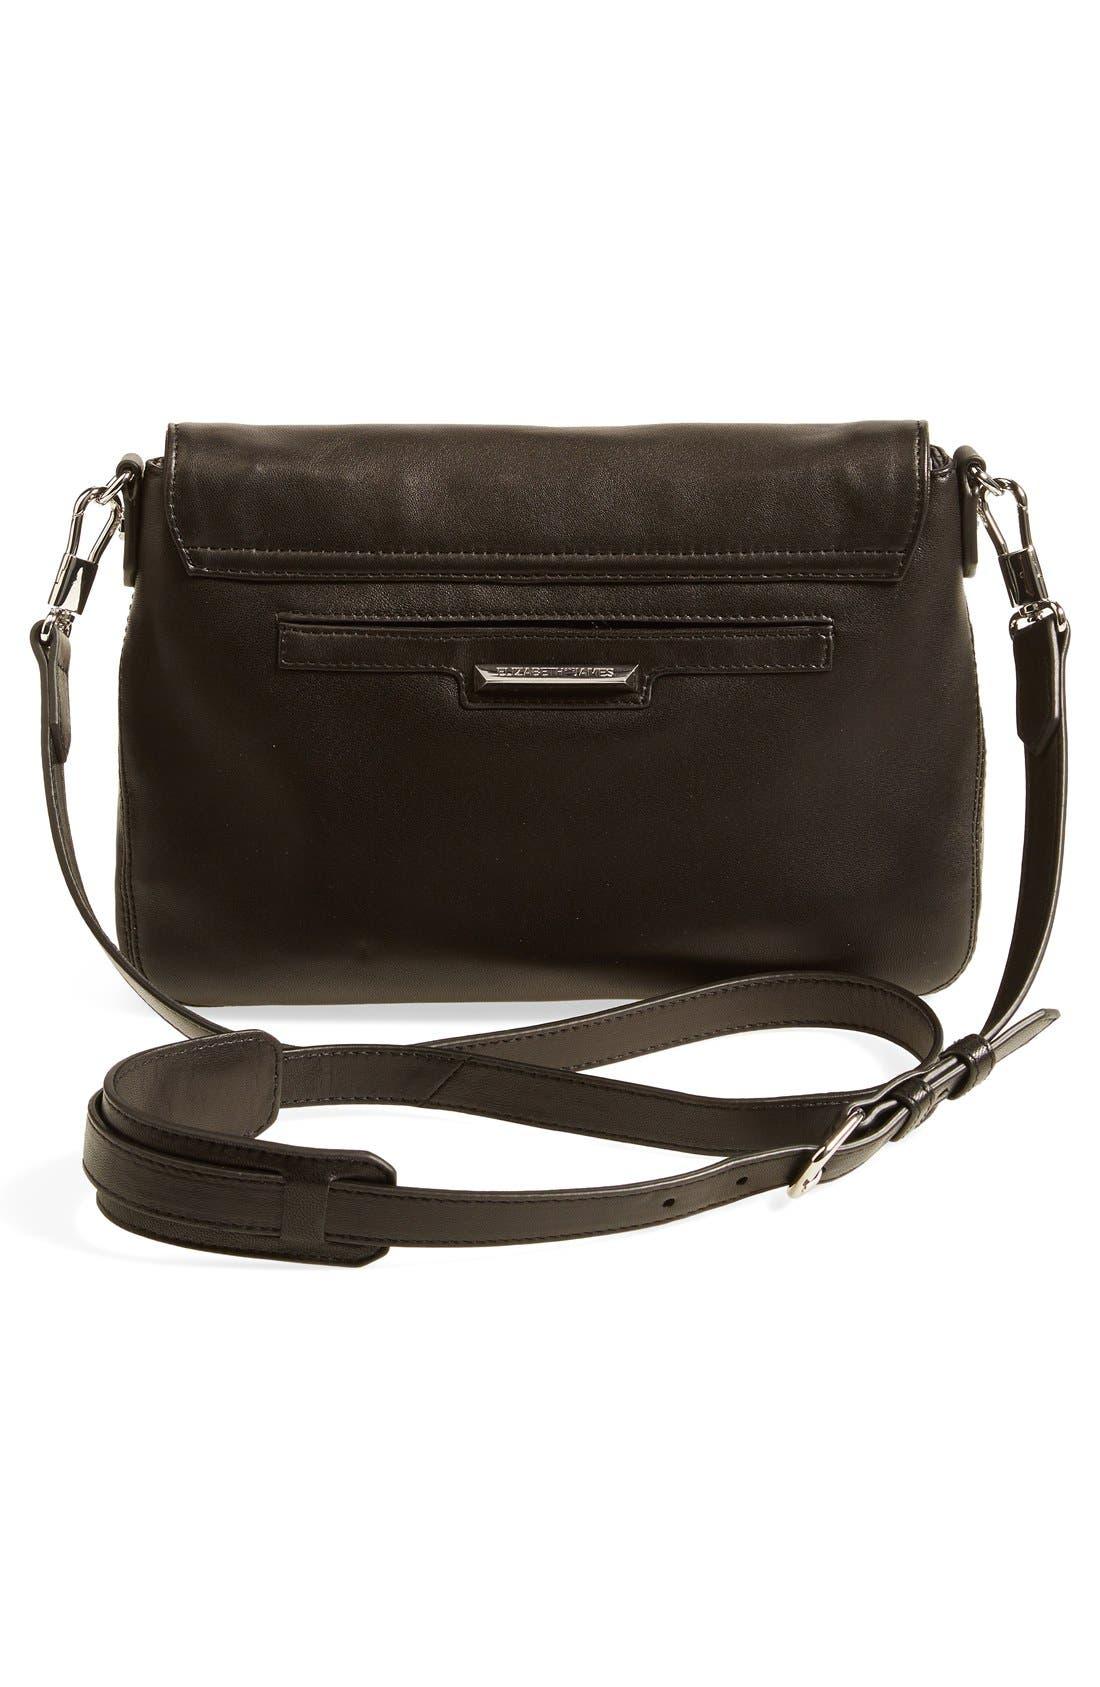 Alternate Image 3  - Elizabeth and James 'Mini Cynnie' Leather Crossbody Bag